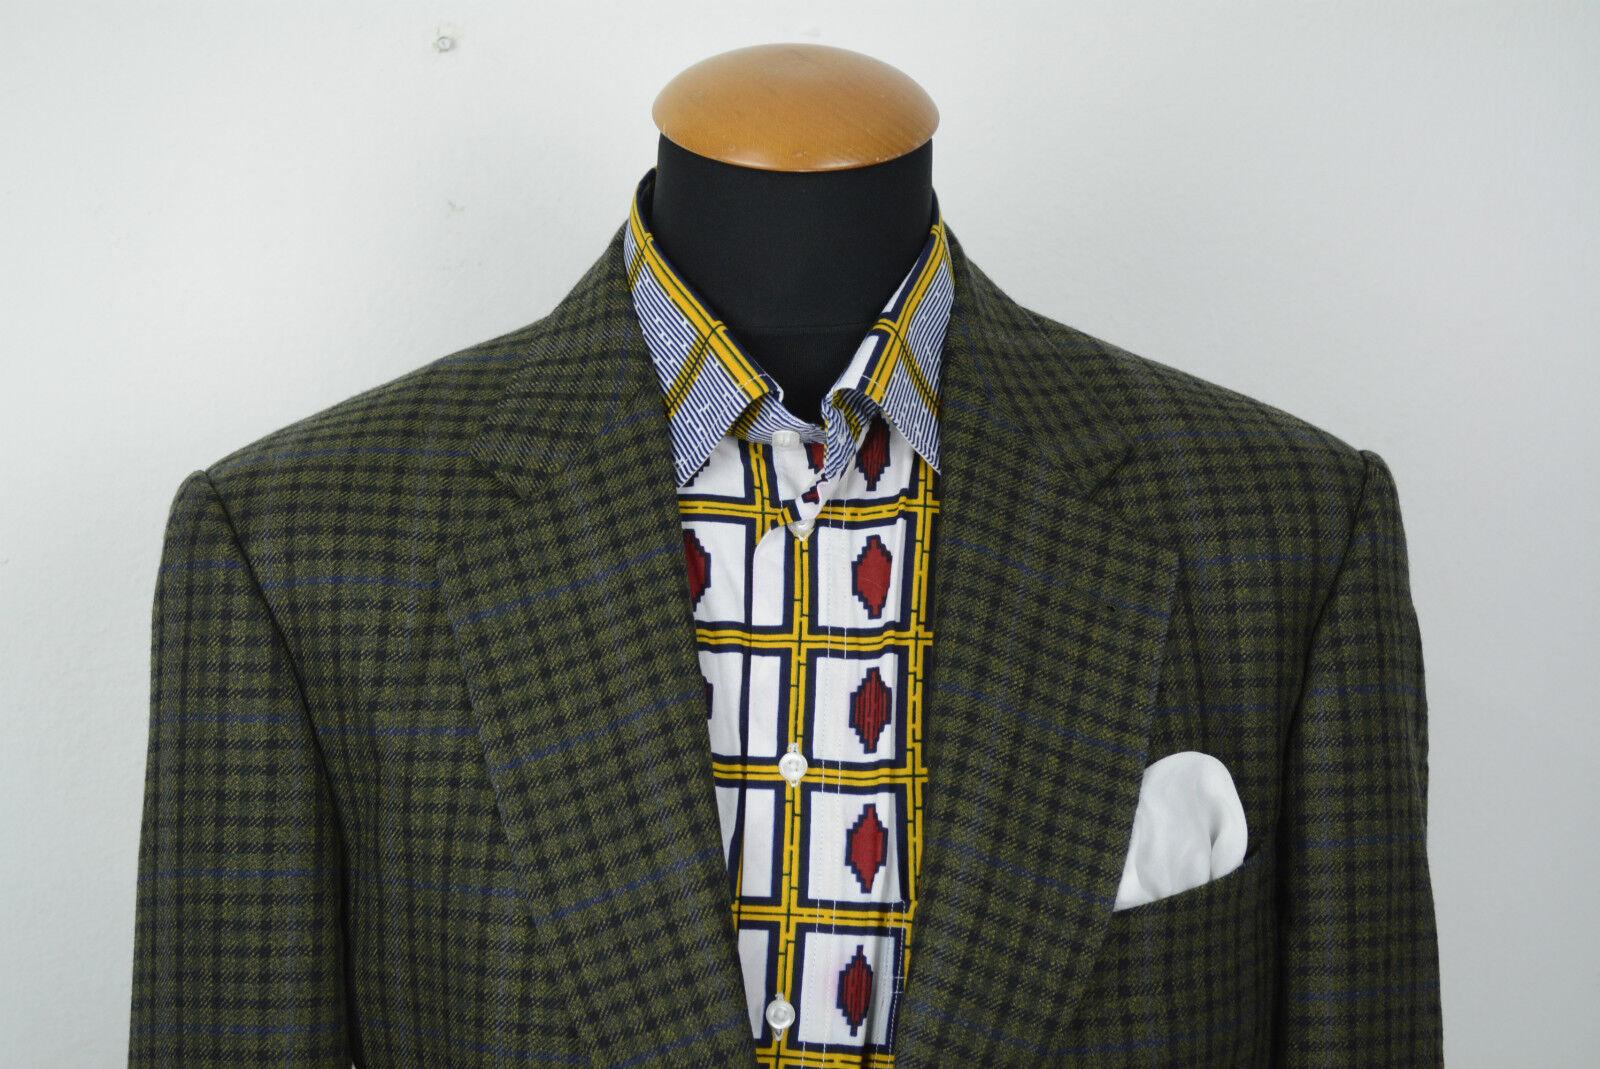 Eduard Dressler Sakko gr 102 52 Slim Karo Grun Blazer Wolle size 42L UK B33